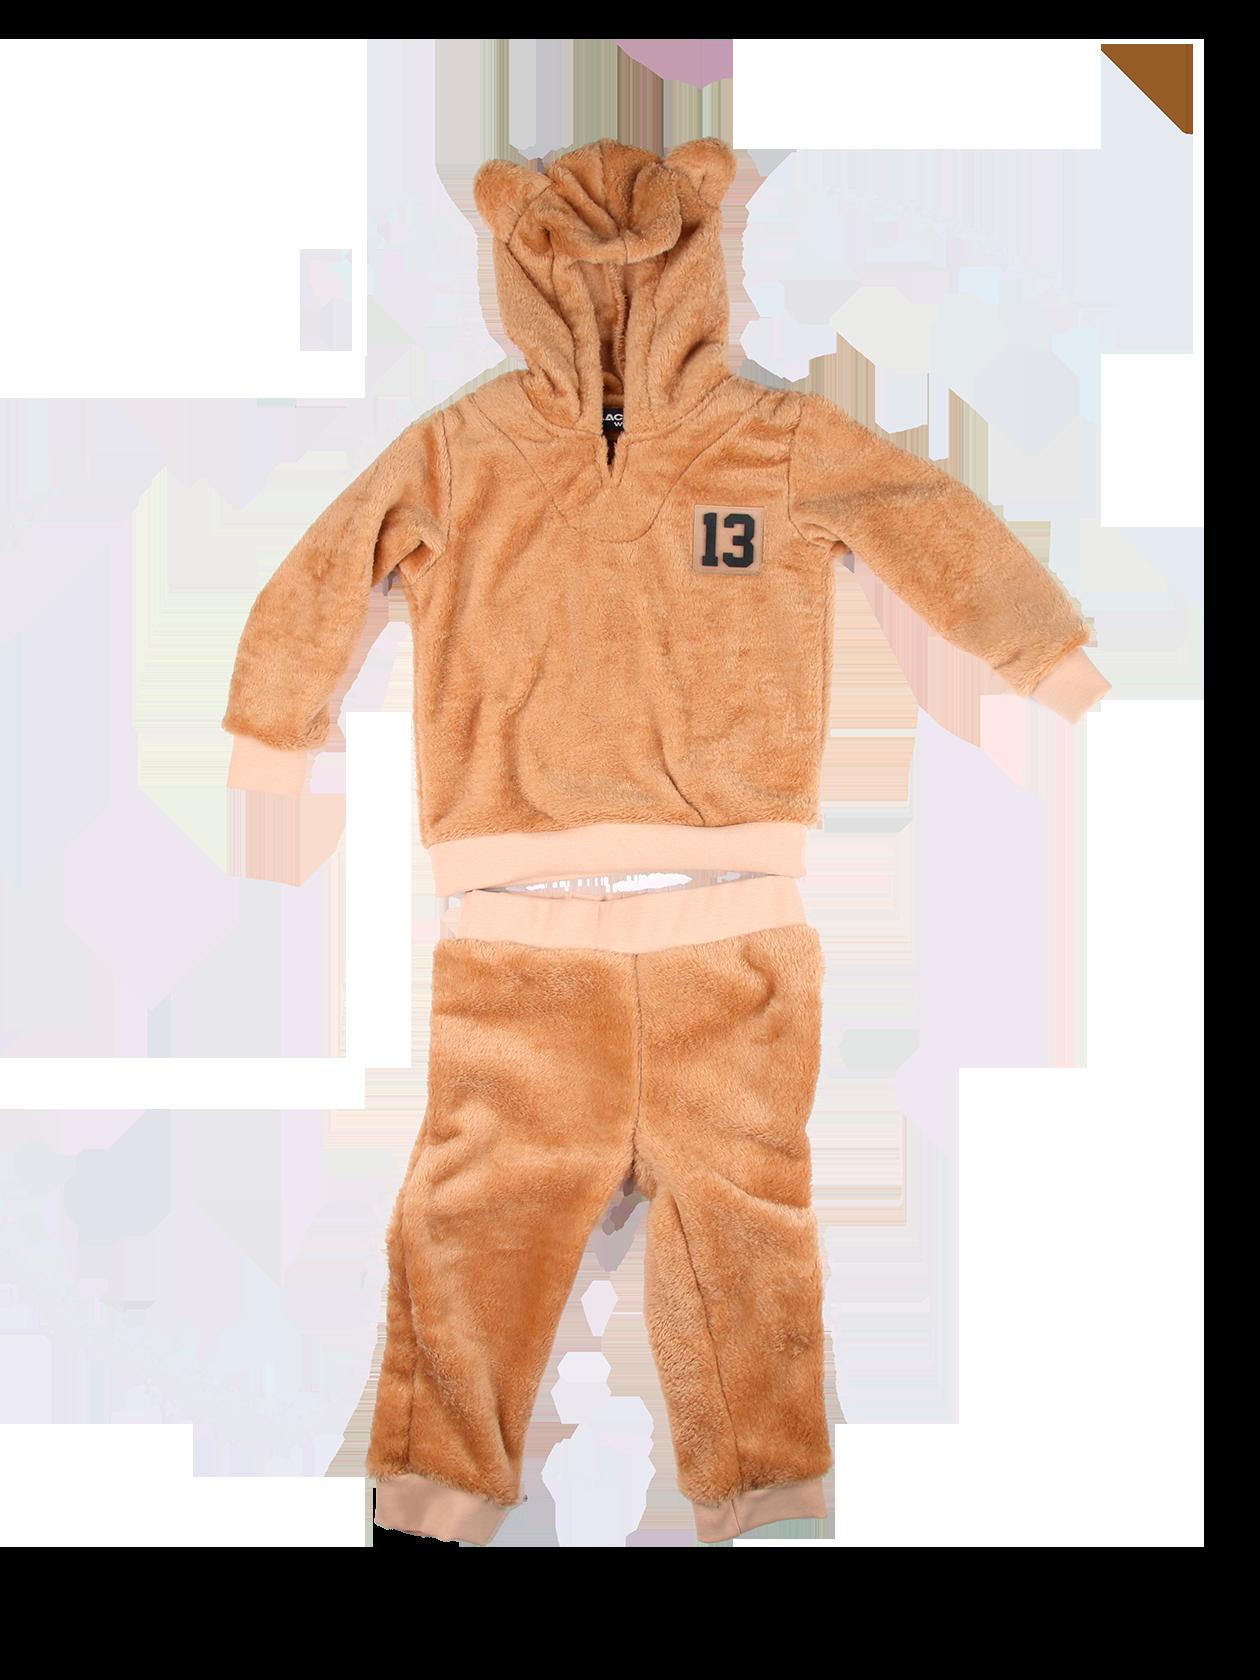 Костюм детский BLACK STAR BEARКостюм детский Black Star Wear. Велюровый костюмчик для самых маленьких медвежат! Нежный и уютный плюш, толстовка с капюшоном, на котором милые медвежьи ушки. Эластичная трикотажная резинка по нижнему краю толстовки и на манжетах. Слева на груди силиконовая нашивка 13. Штаны с широкой эластичной резинкой на поясе и щиколотках. Подходит для детей в возрасте от 1 до 3-х лет.<br><br>Размер: 1-2 years<br>Цвет: Бежевый<br>Пол: Унисекс